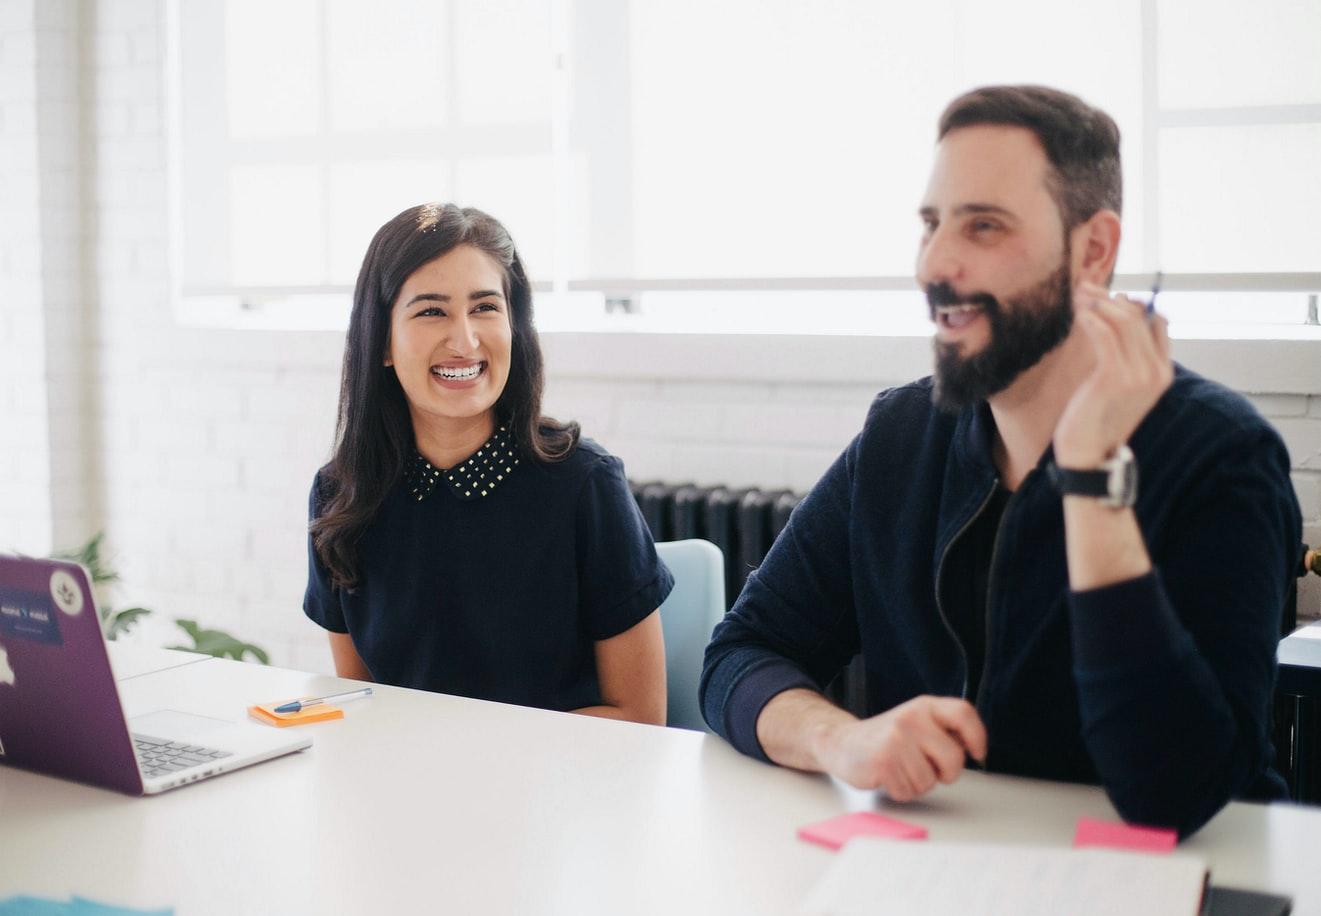 Imagem de uma mulher e um homem sentados à mesa, com computadores abertos, discutindo sobre como identificar um mql